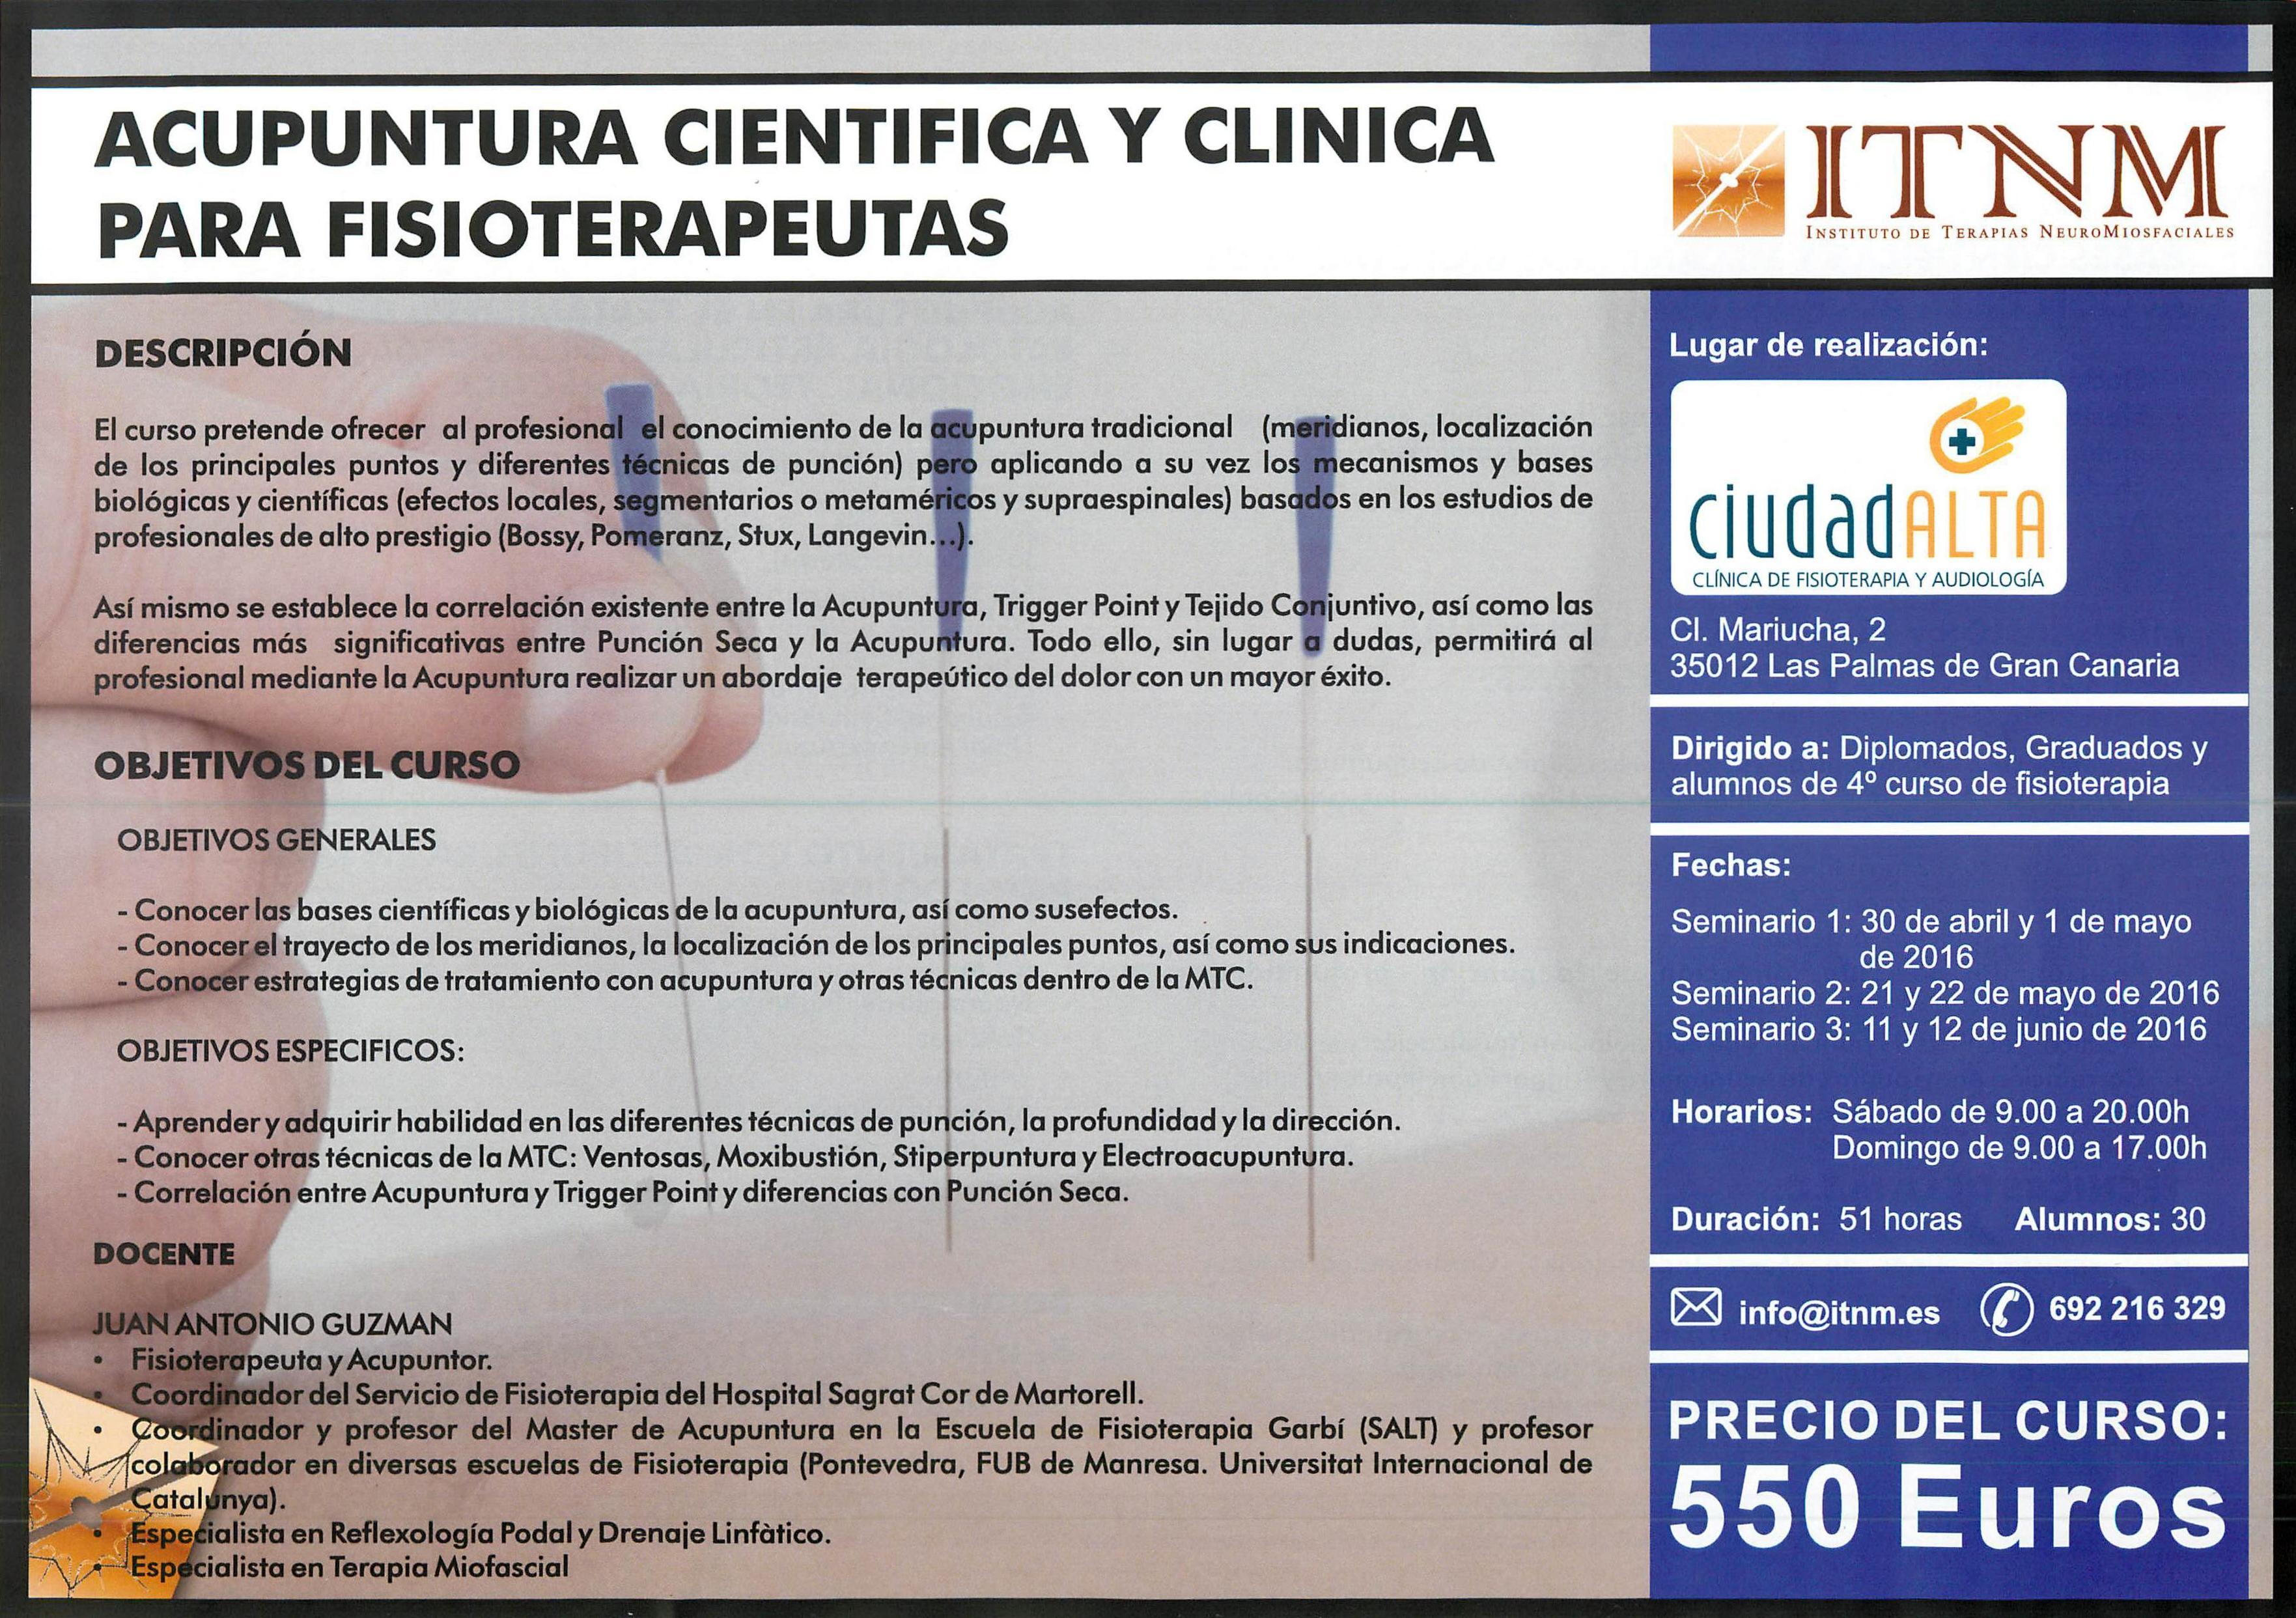 Acupuntura en Las Palmas, Curso de Acupuntura Clinica y Cientifica para Fisioterapeutas en Las Palmas